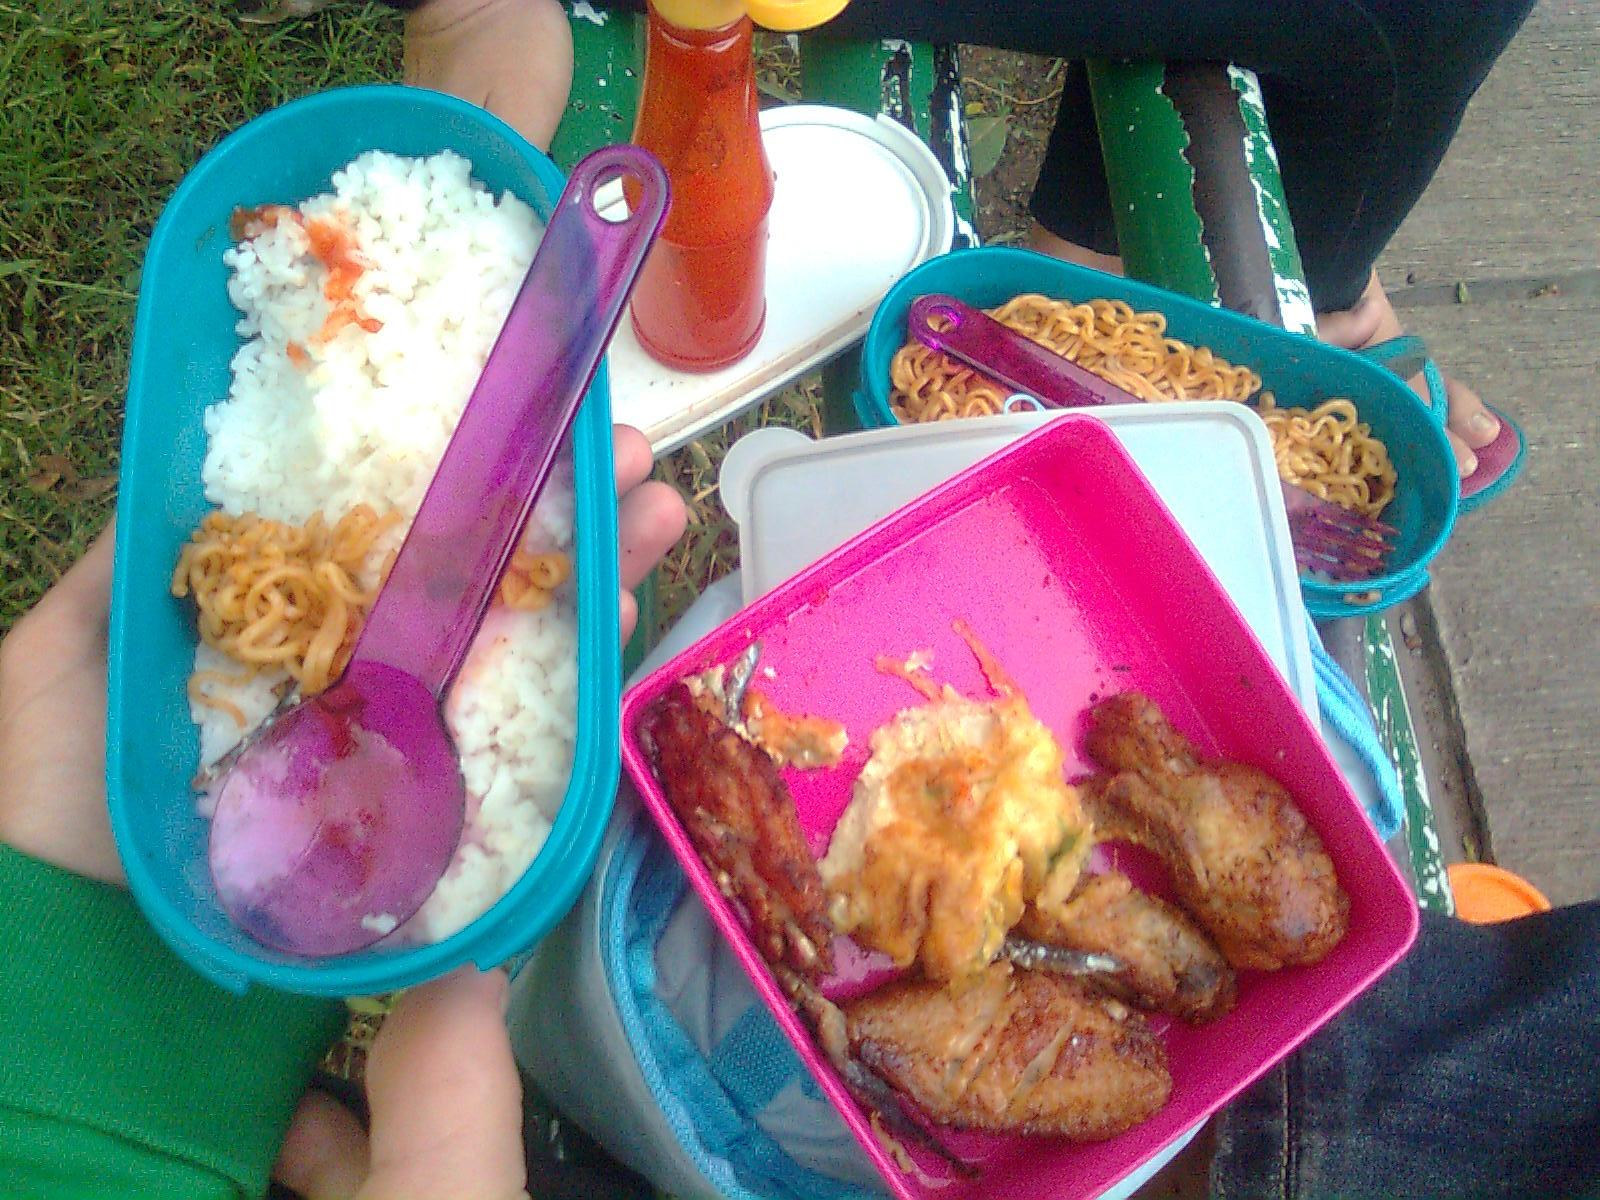 Makan Sore Buatan Putri Yang Speciaalllll Xie Xie Ni D Sosweet